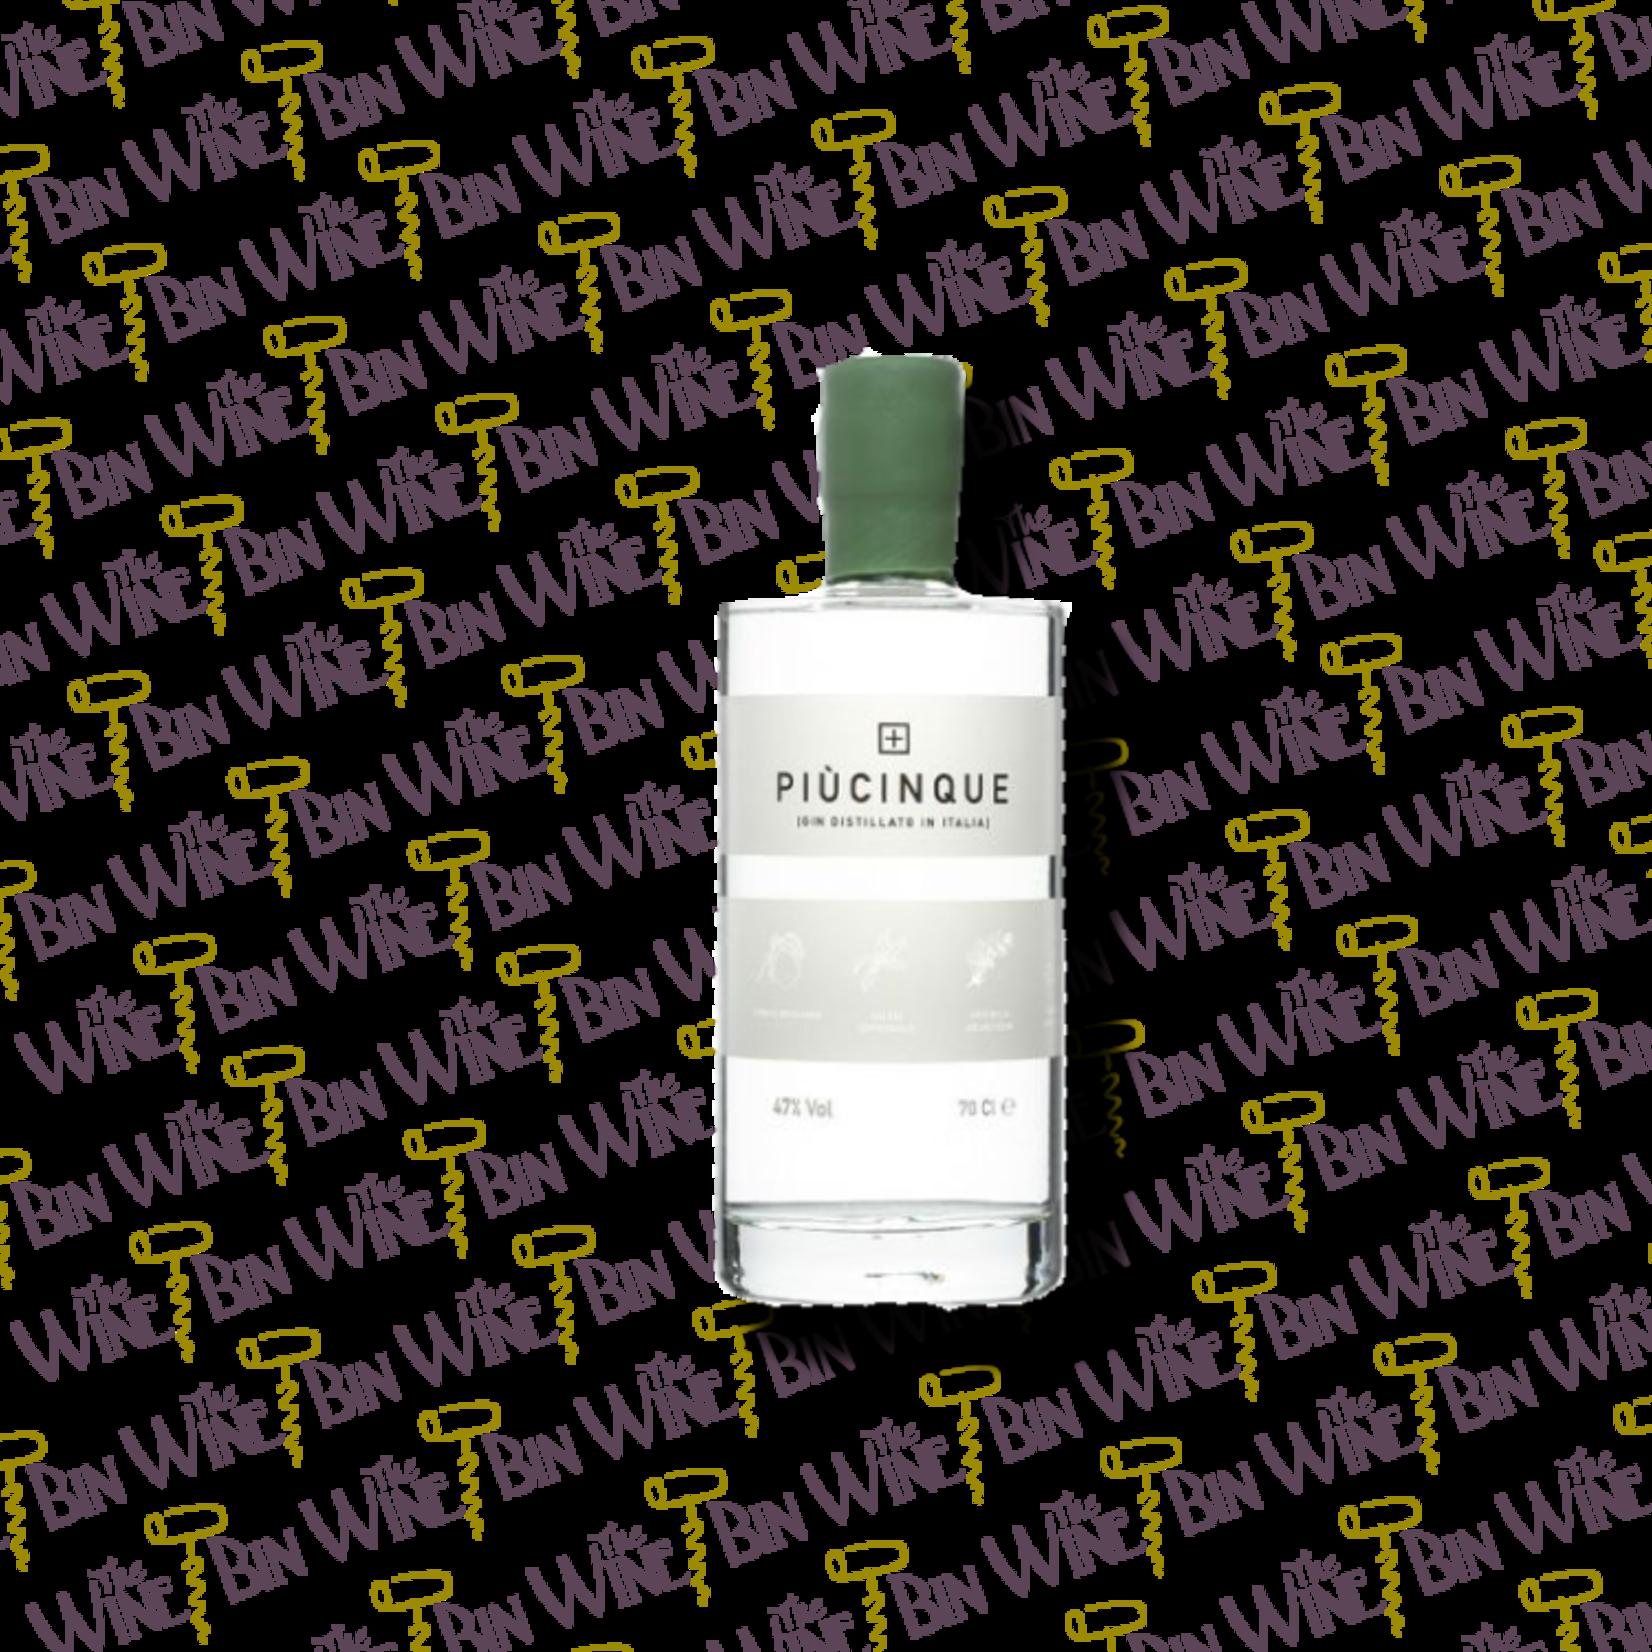 Piucinque Piucinque Three Spirits Gin – 750ml